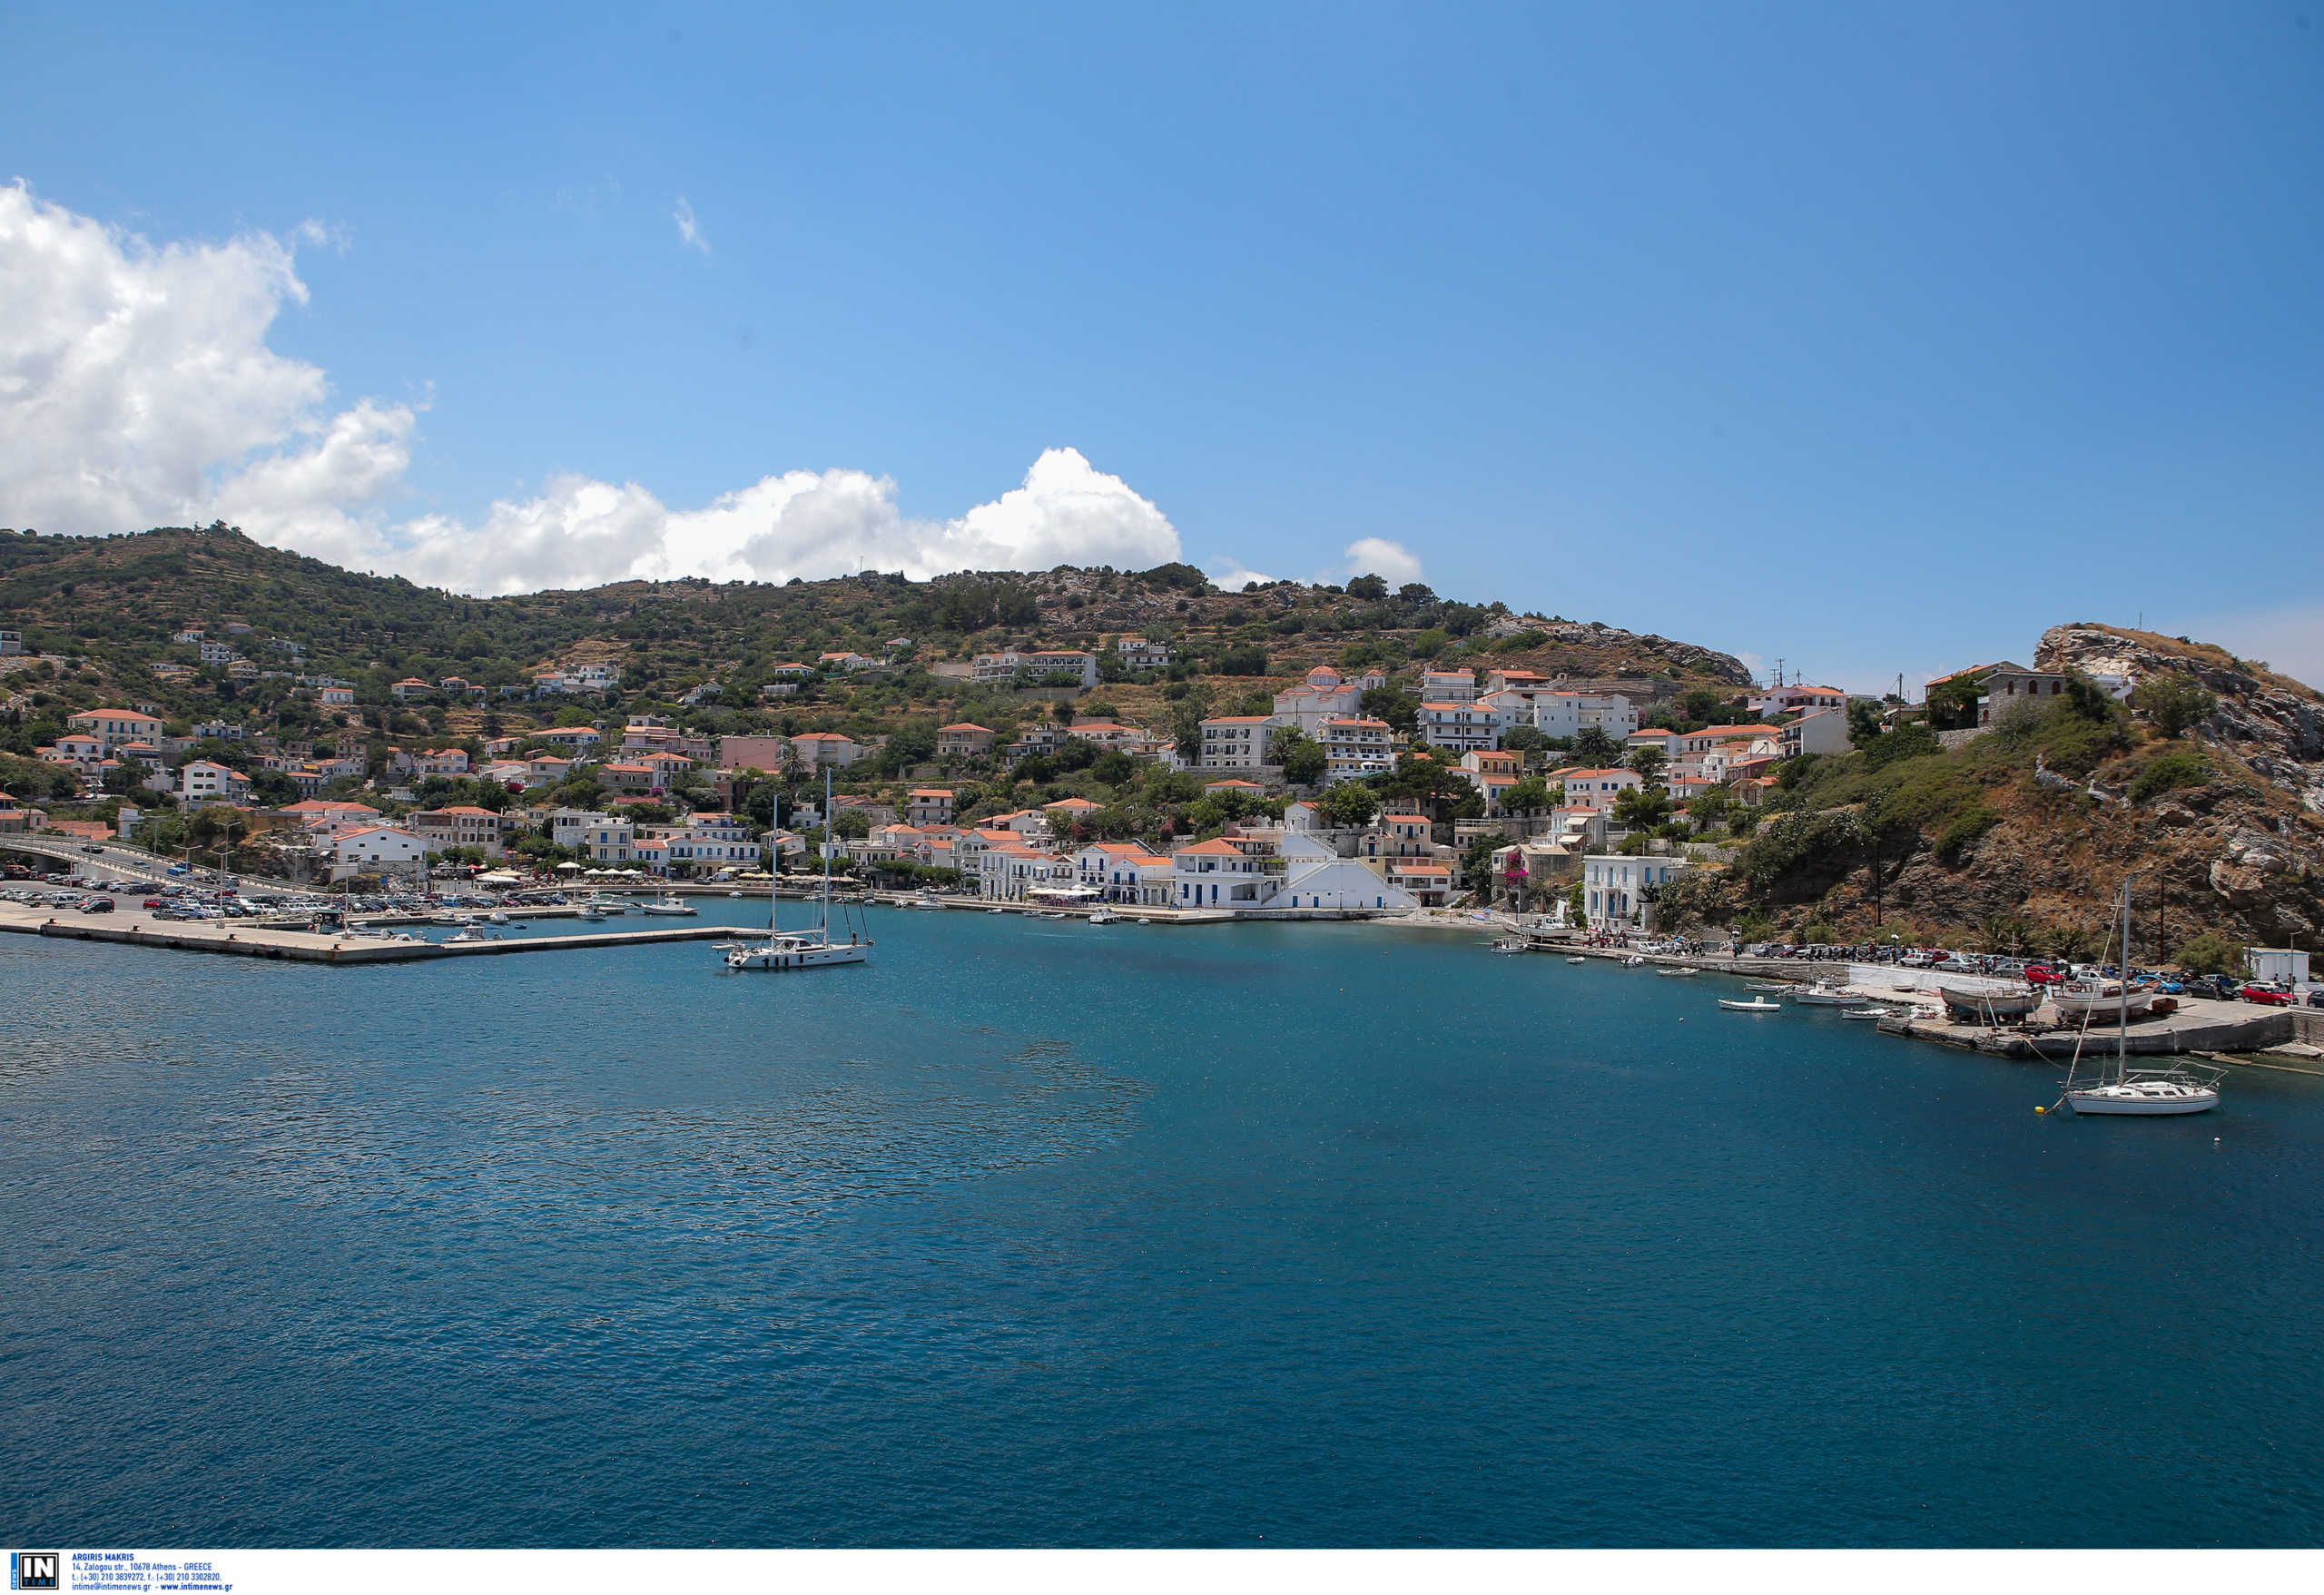 Μοιρασμένοι οι Έλληνες για τις διακοπές! Οι μισοί σκέφτονται να πάνε τον Αύγουστο – Τι δείχνει έρευνα